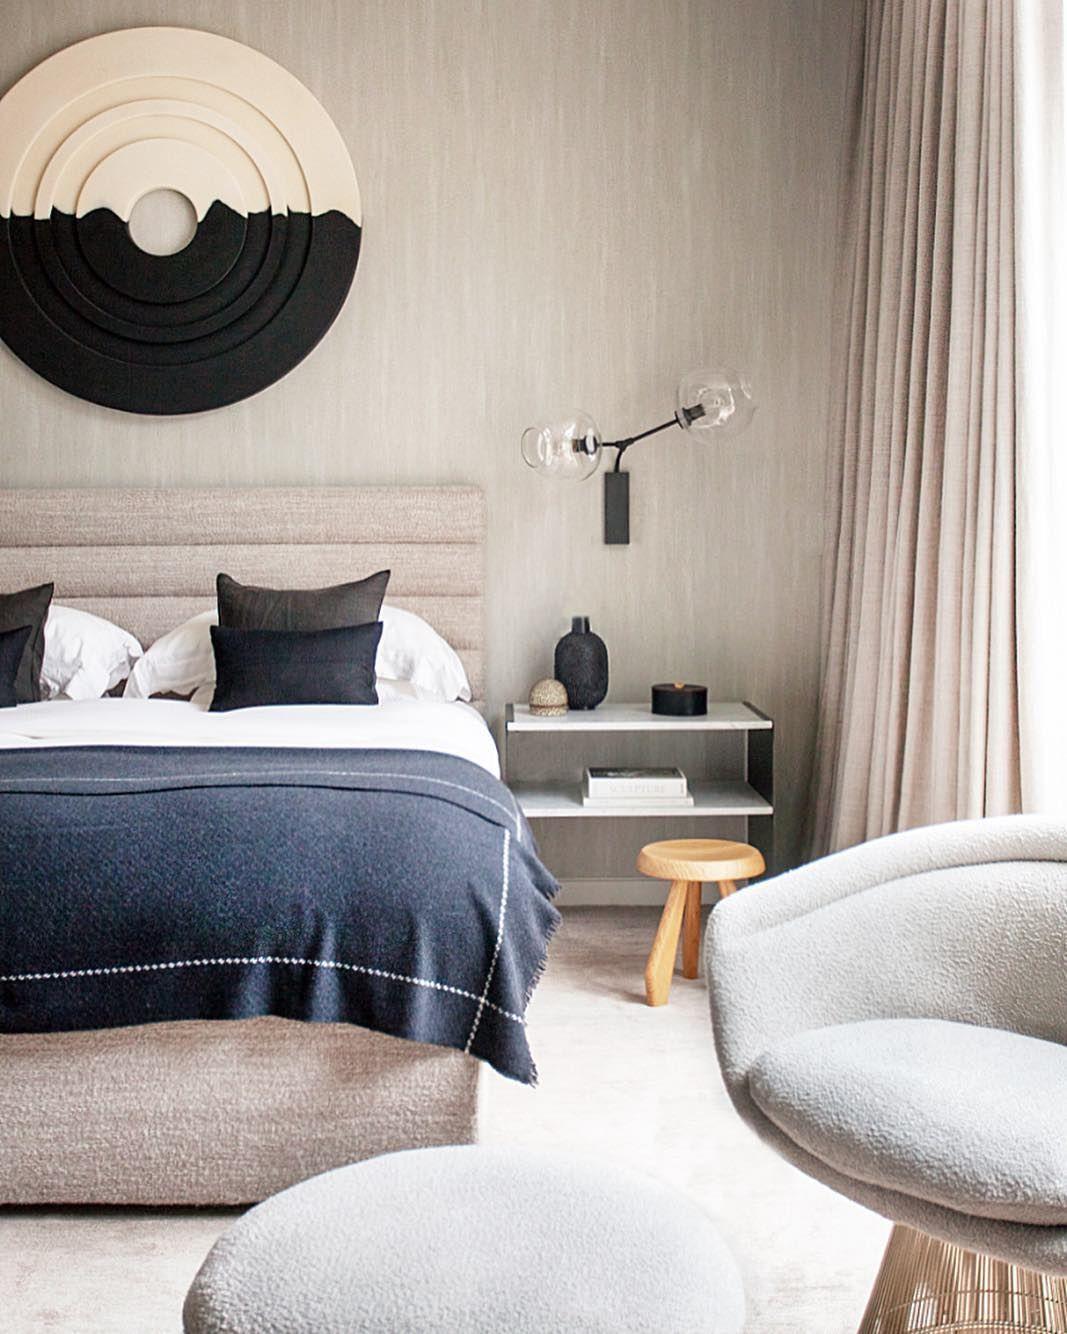 Master bedroom art above bed  Blue accents in bedroom  Interior  Pinterest  Bedrooms Amazing